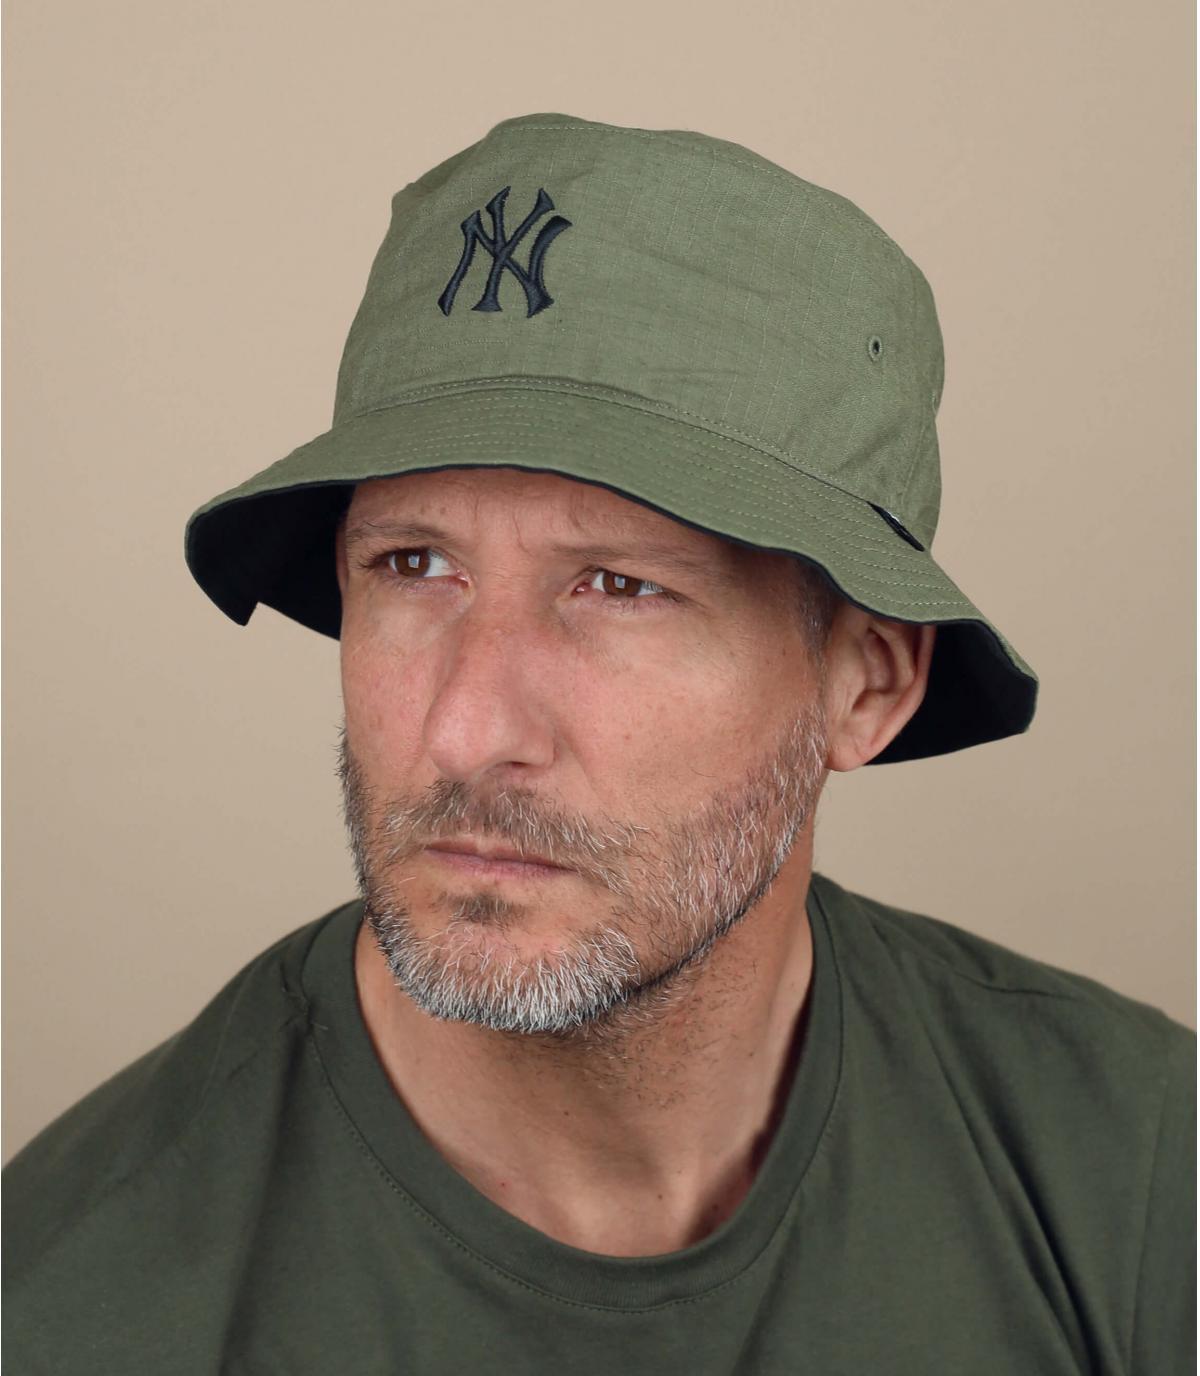 green NY bucket hat